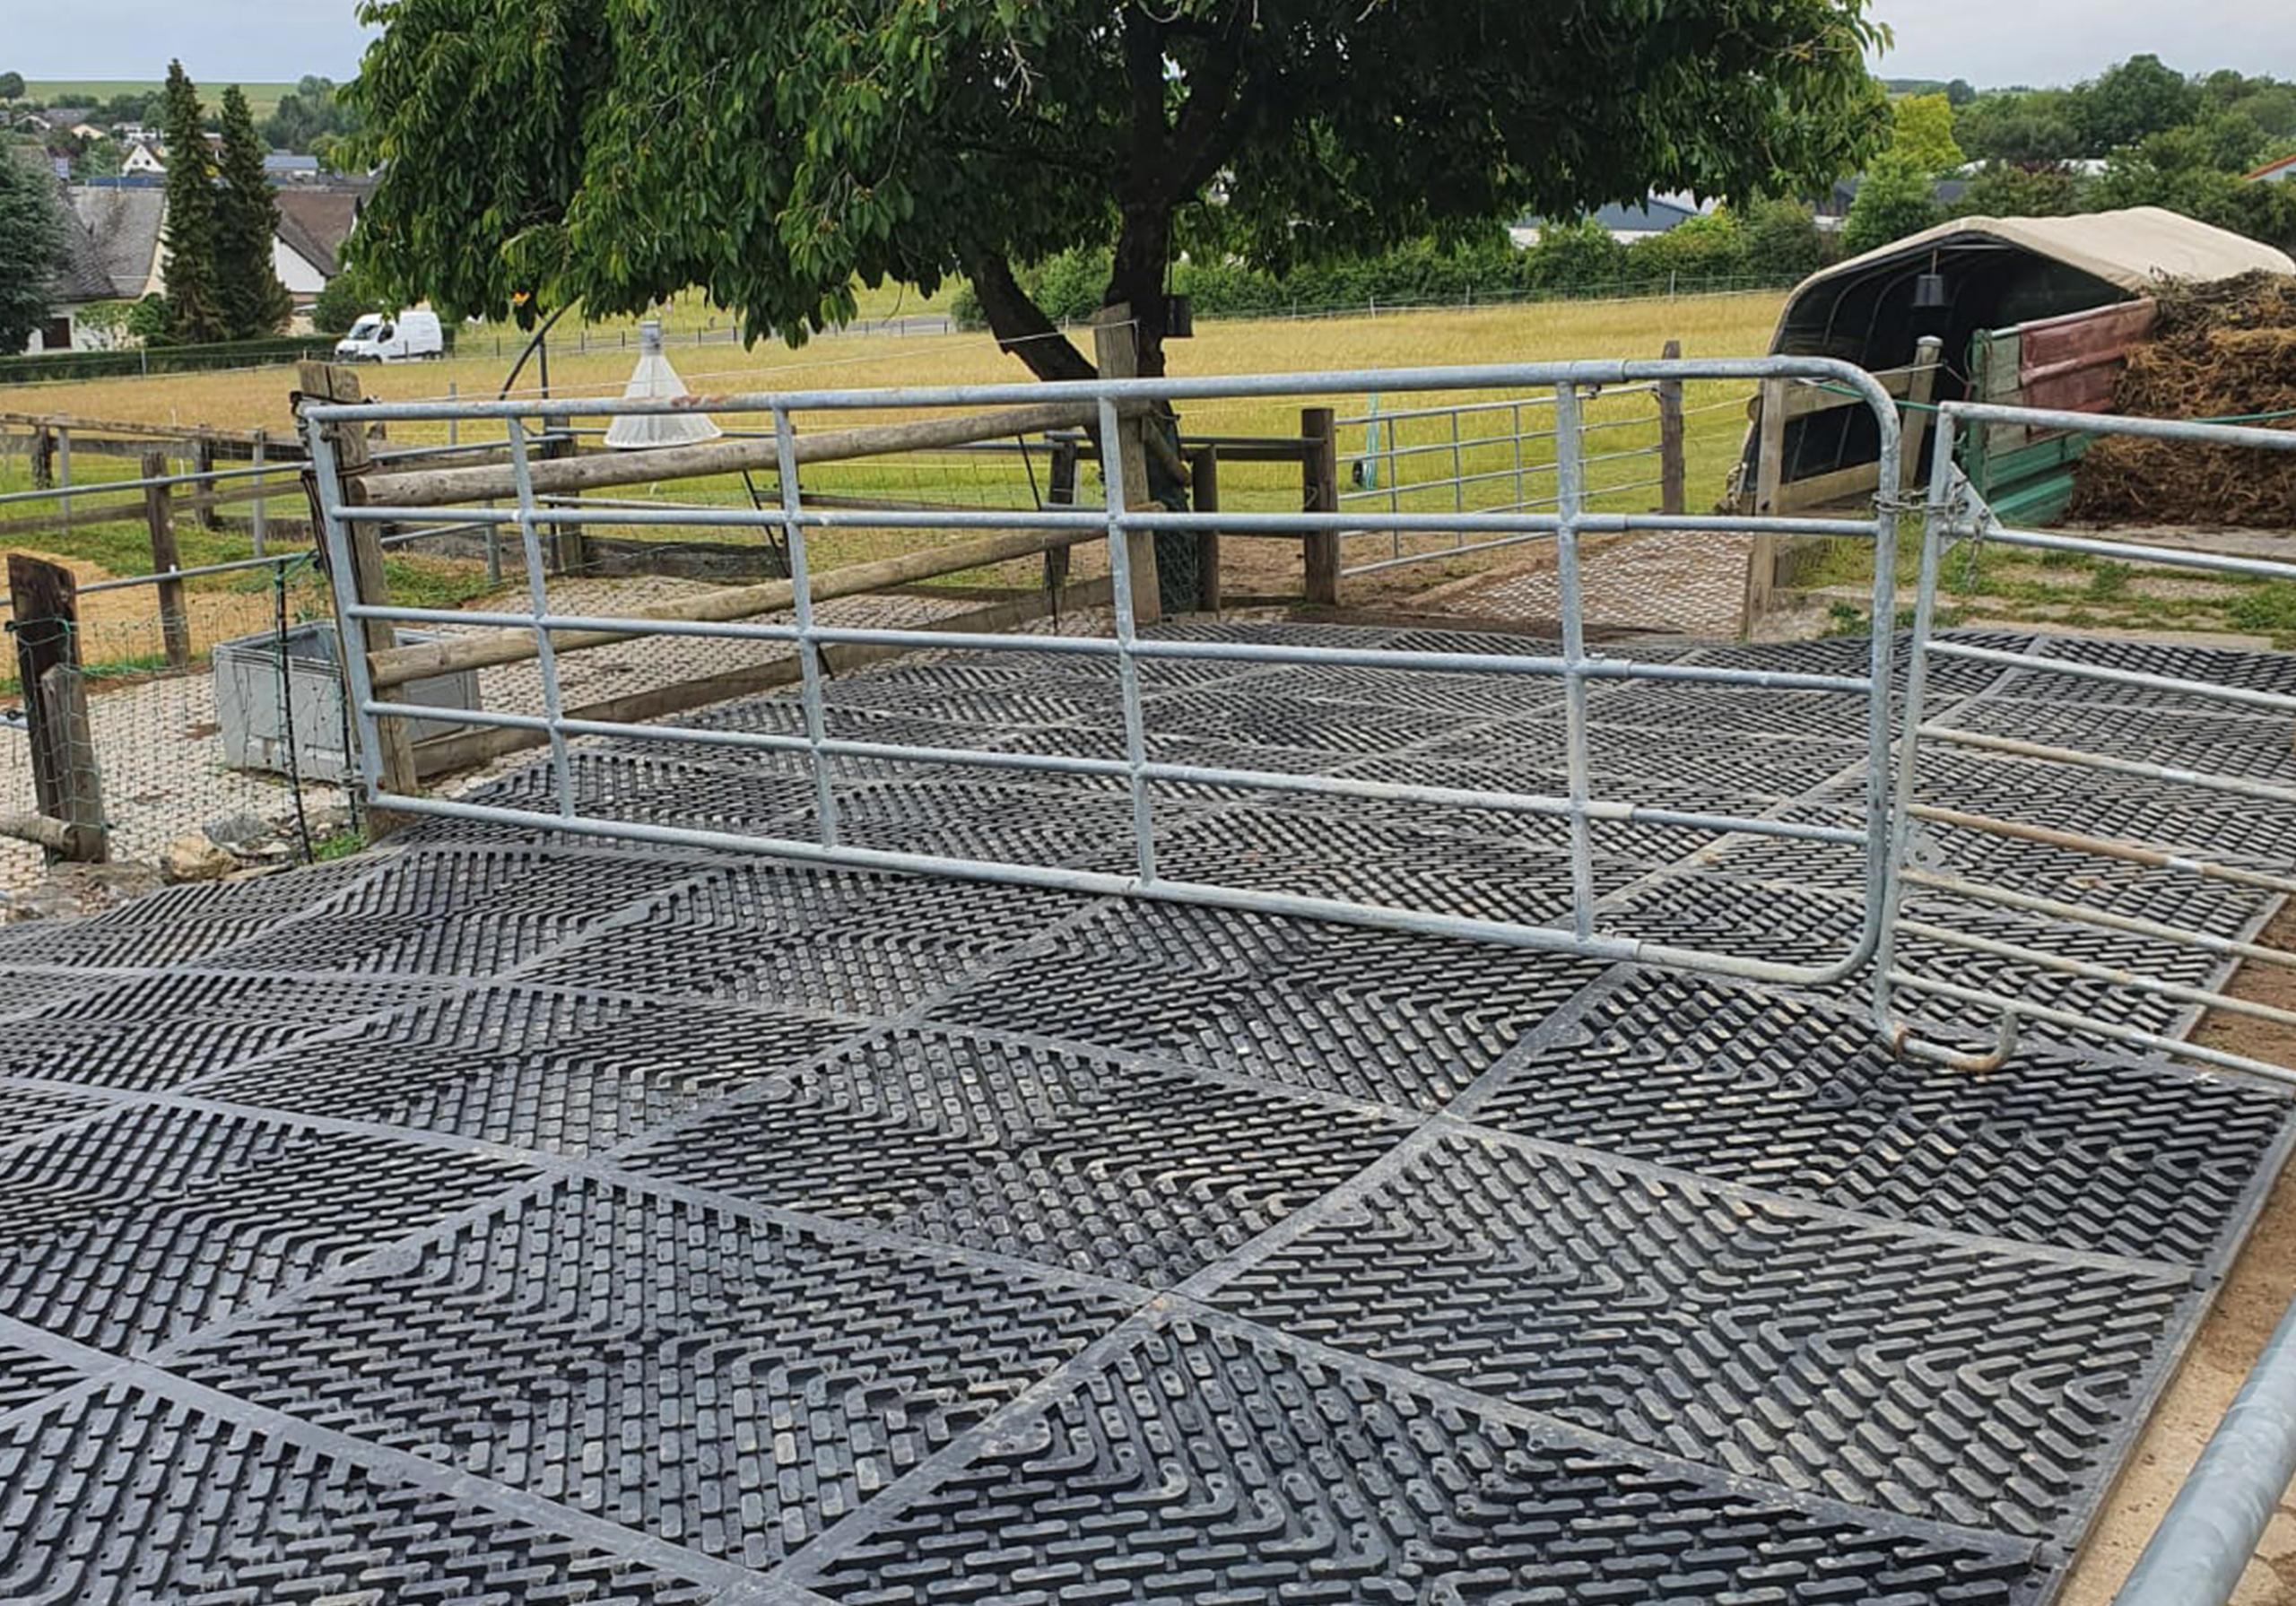 Gelochte Boxenmatten als Auslauf für Pferde_0000_12